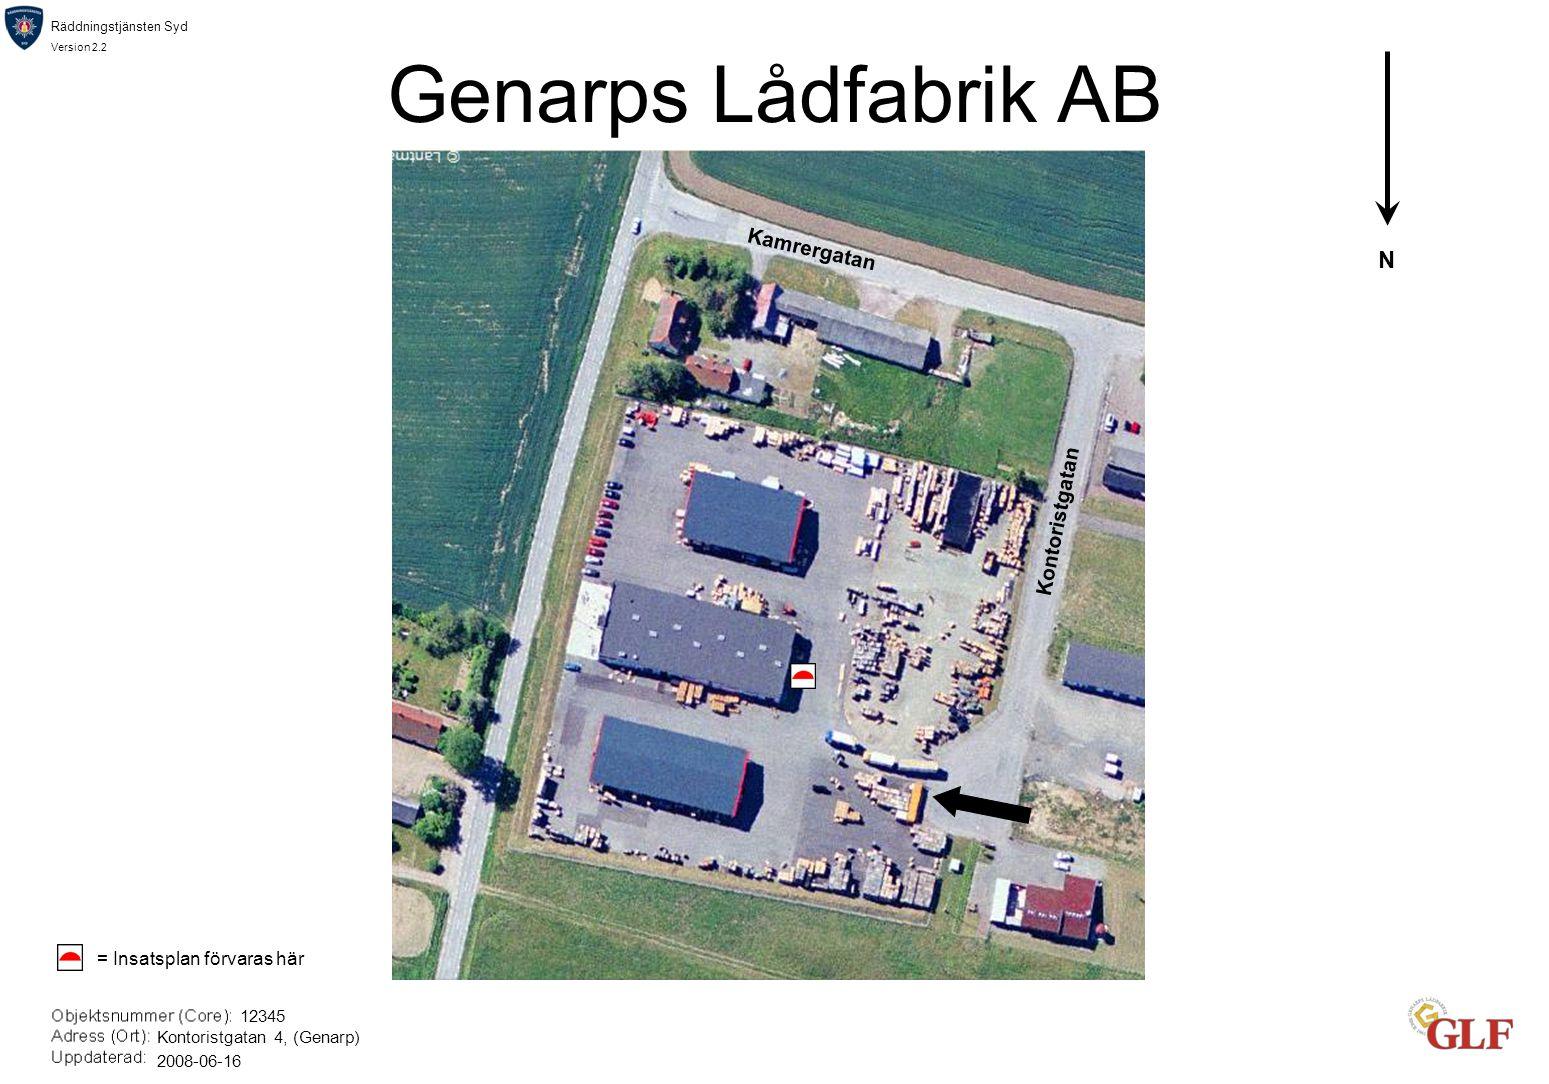 Räddningstjänsten Syd Version 2.2 Genarps Lådfabrik AB N 12345 Kontoristgatan 4, (Genarp) 2008-06-16 Kamrergatan Kontoristgatan = Insatsplan förvaras